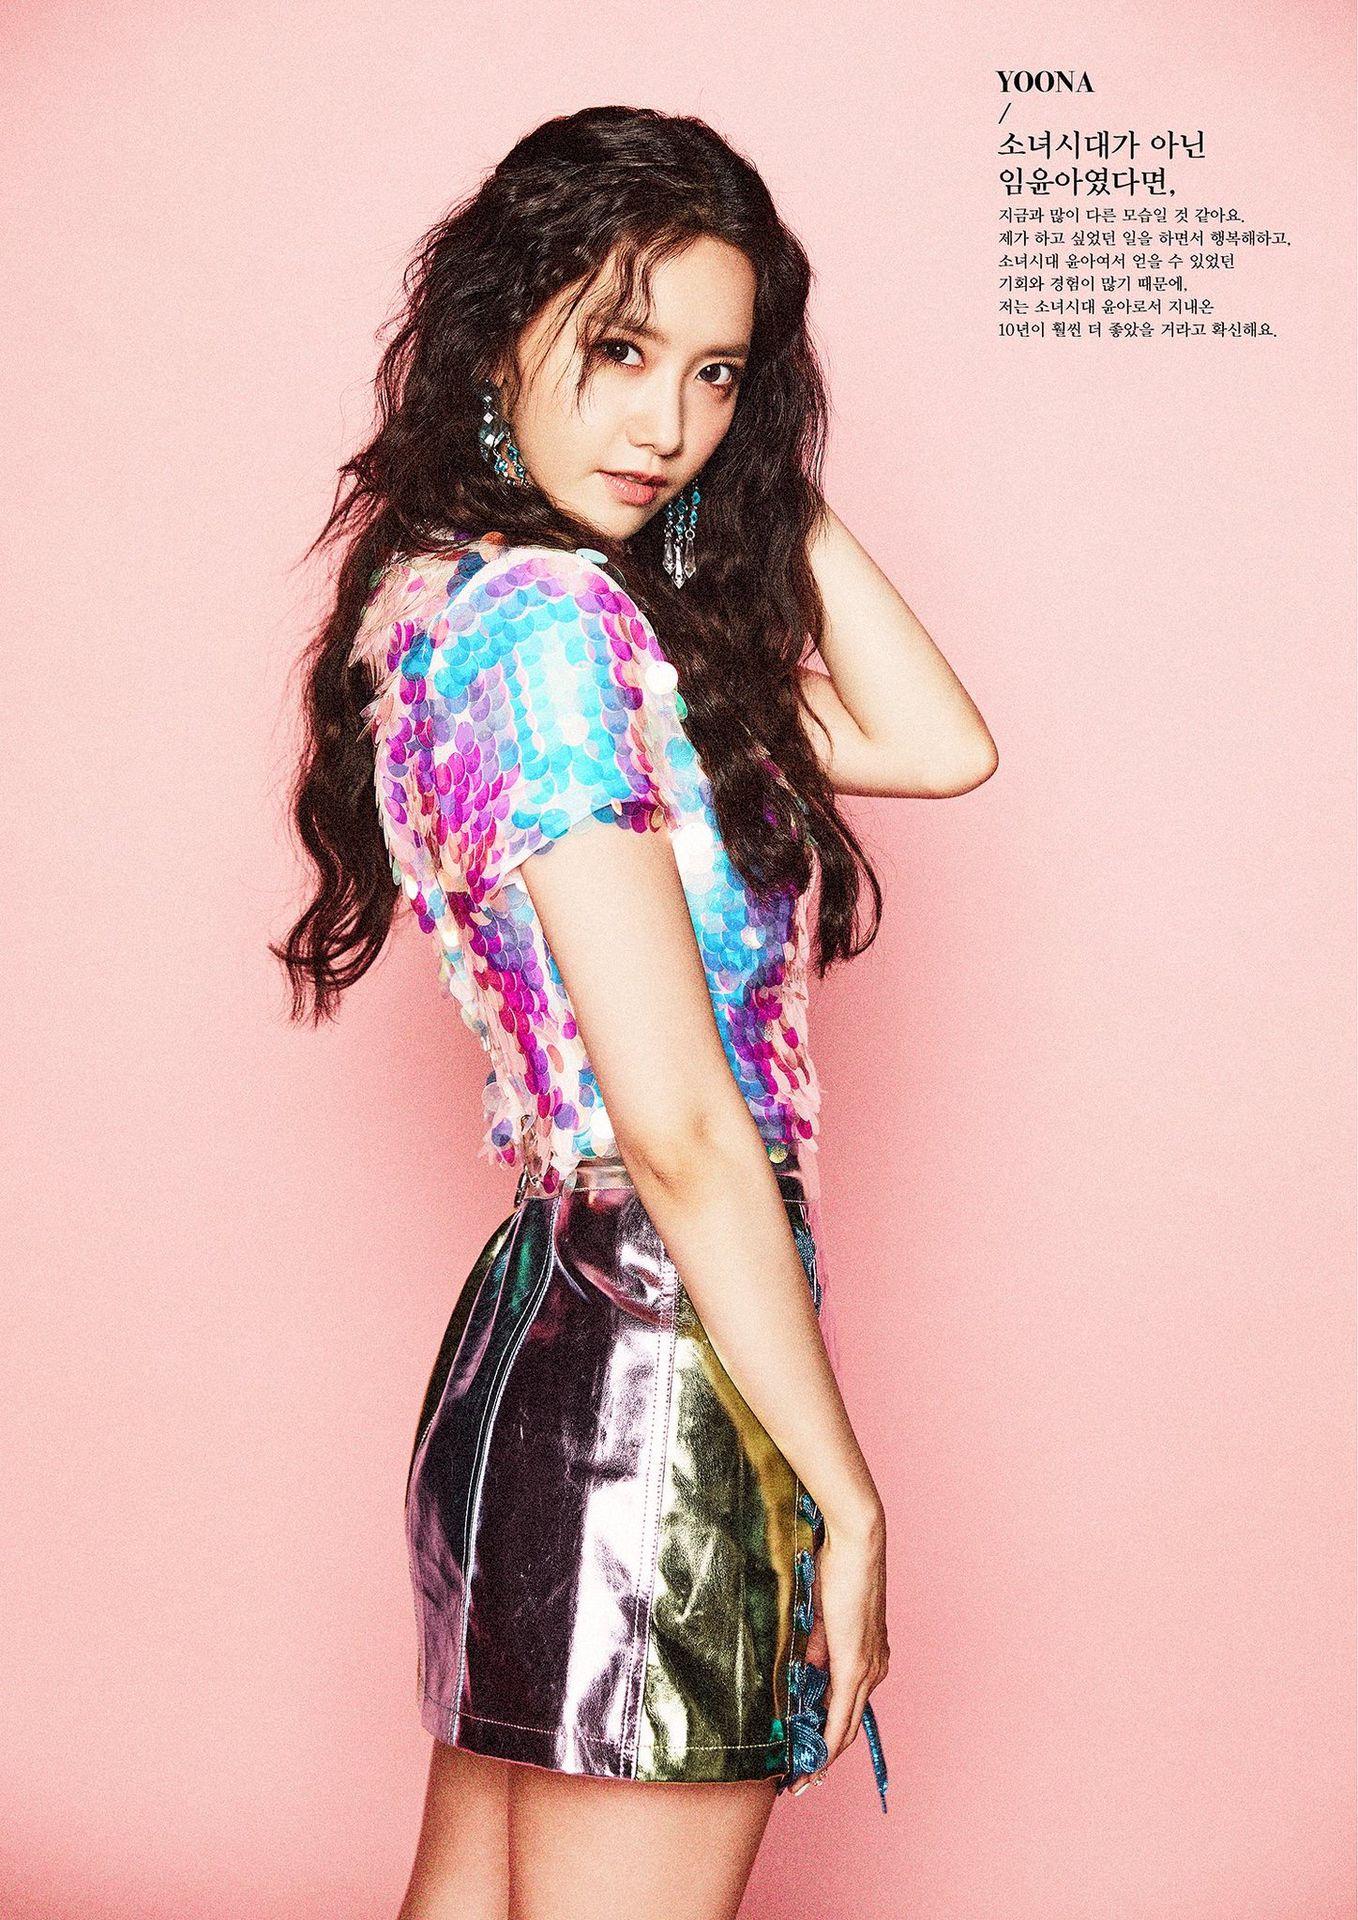 SNSD YoonA dating 2014